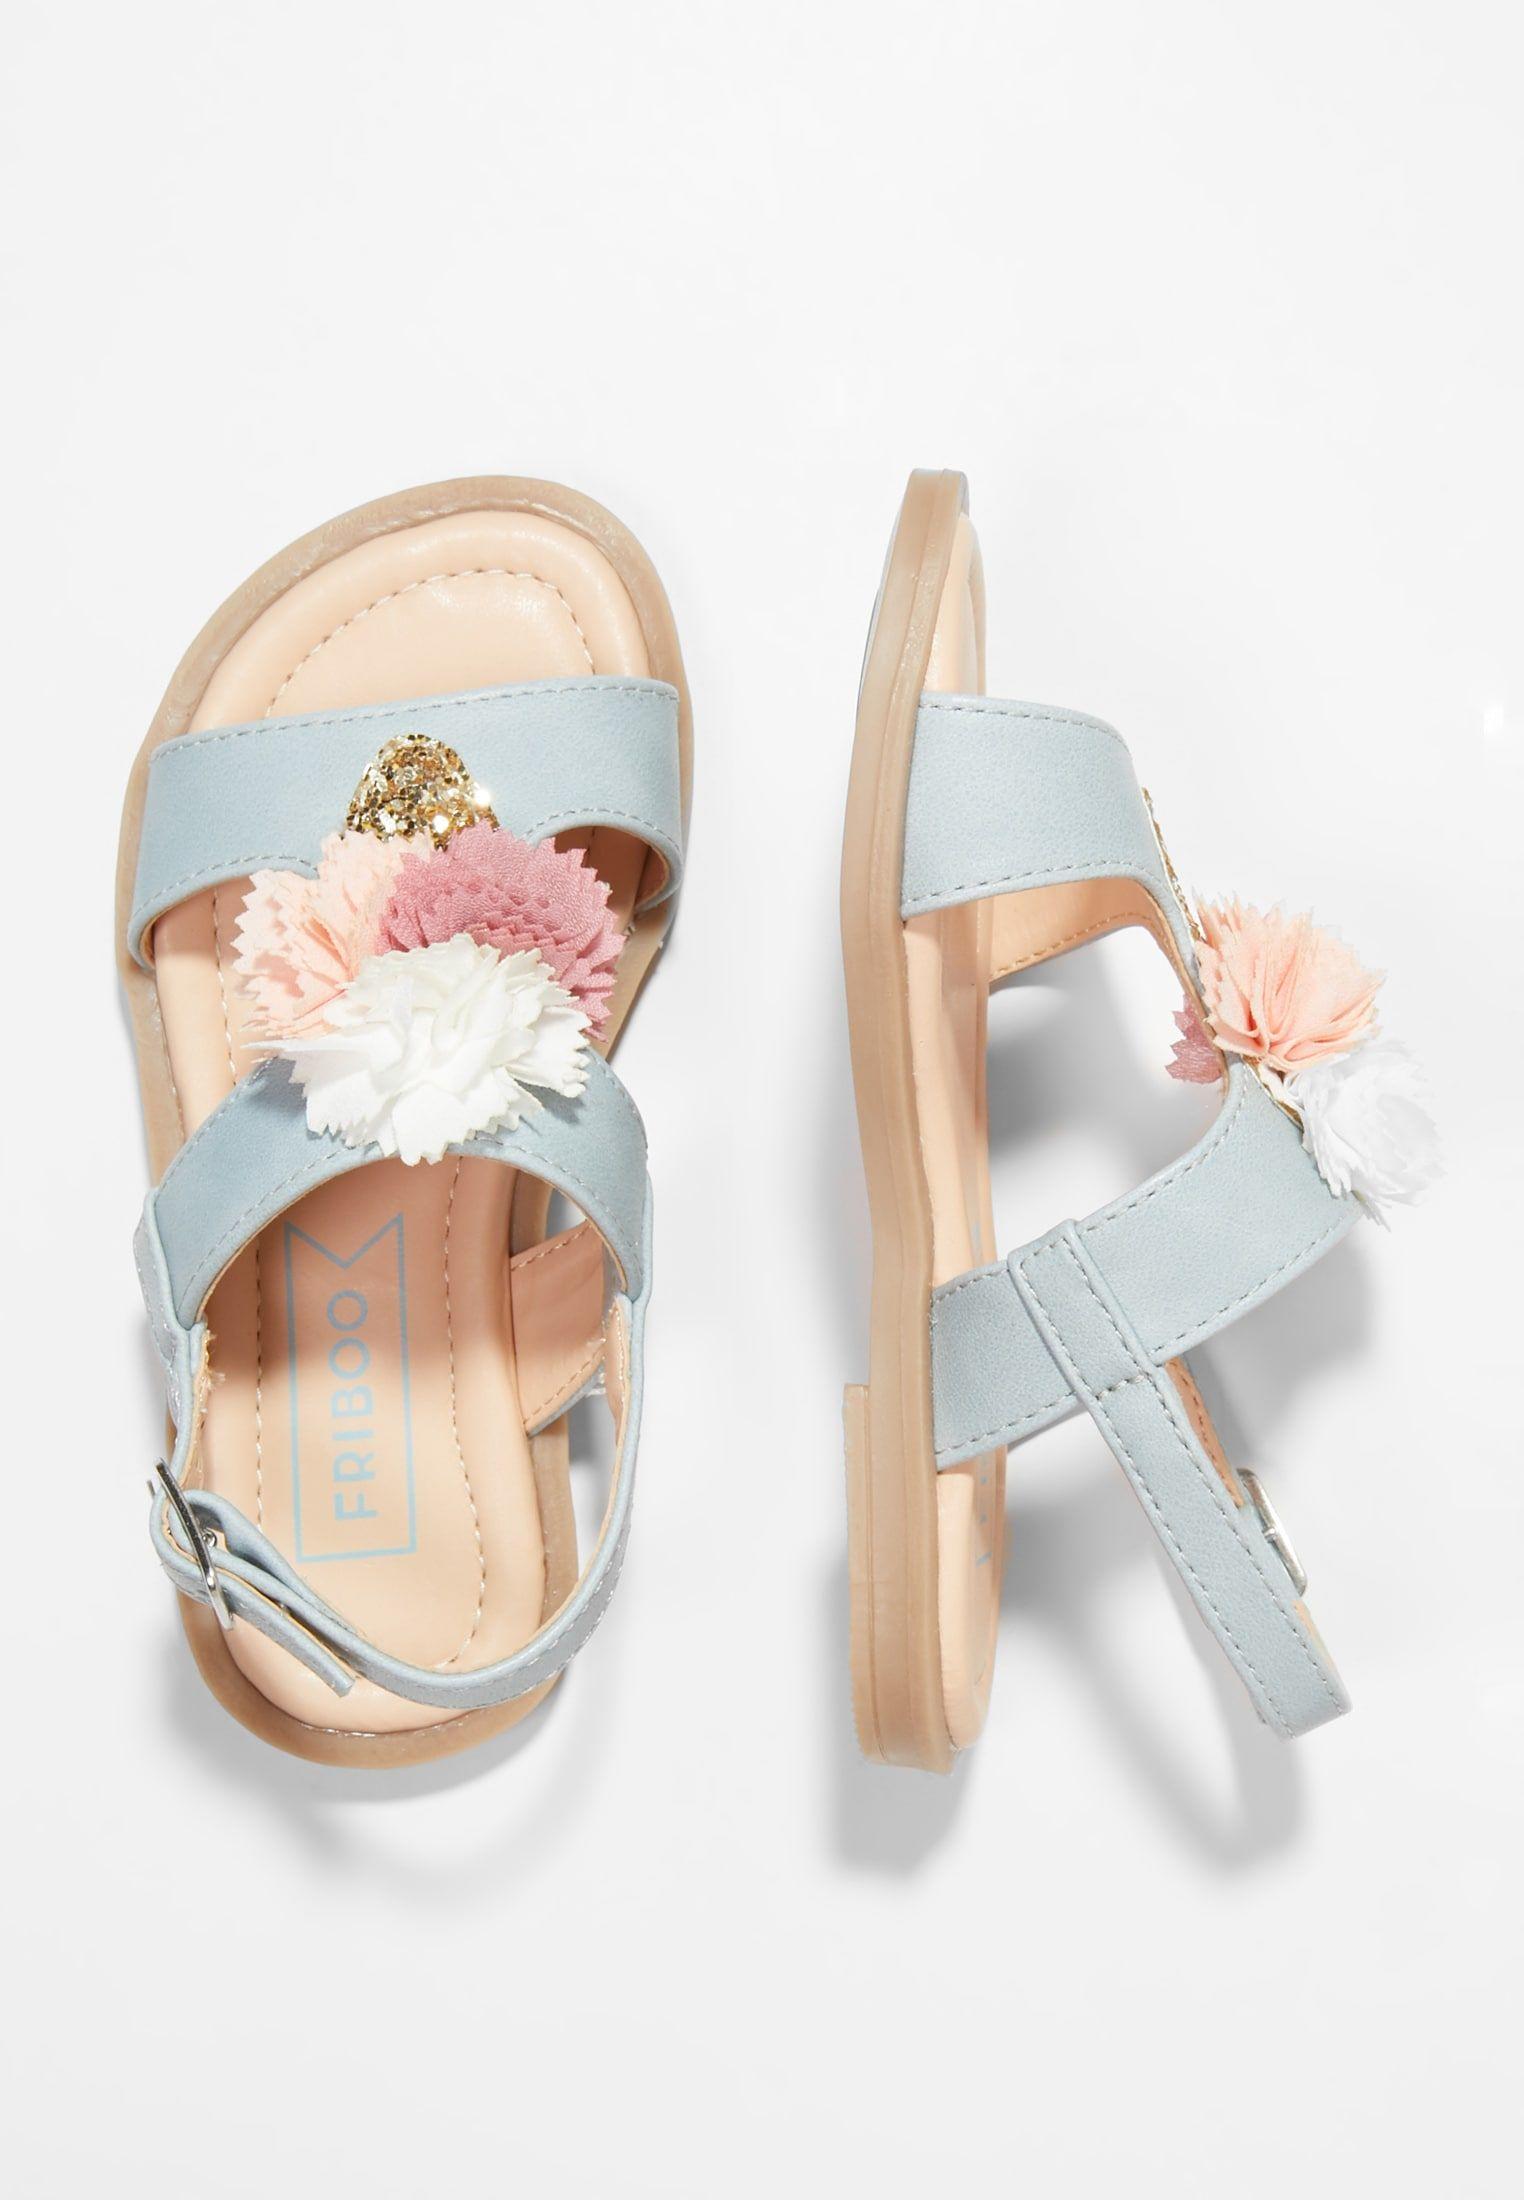 Riemensandalette Light Blue Zalando De Kinder Schuhe Schuhe Fur Madchen Kleinkind Schuhe